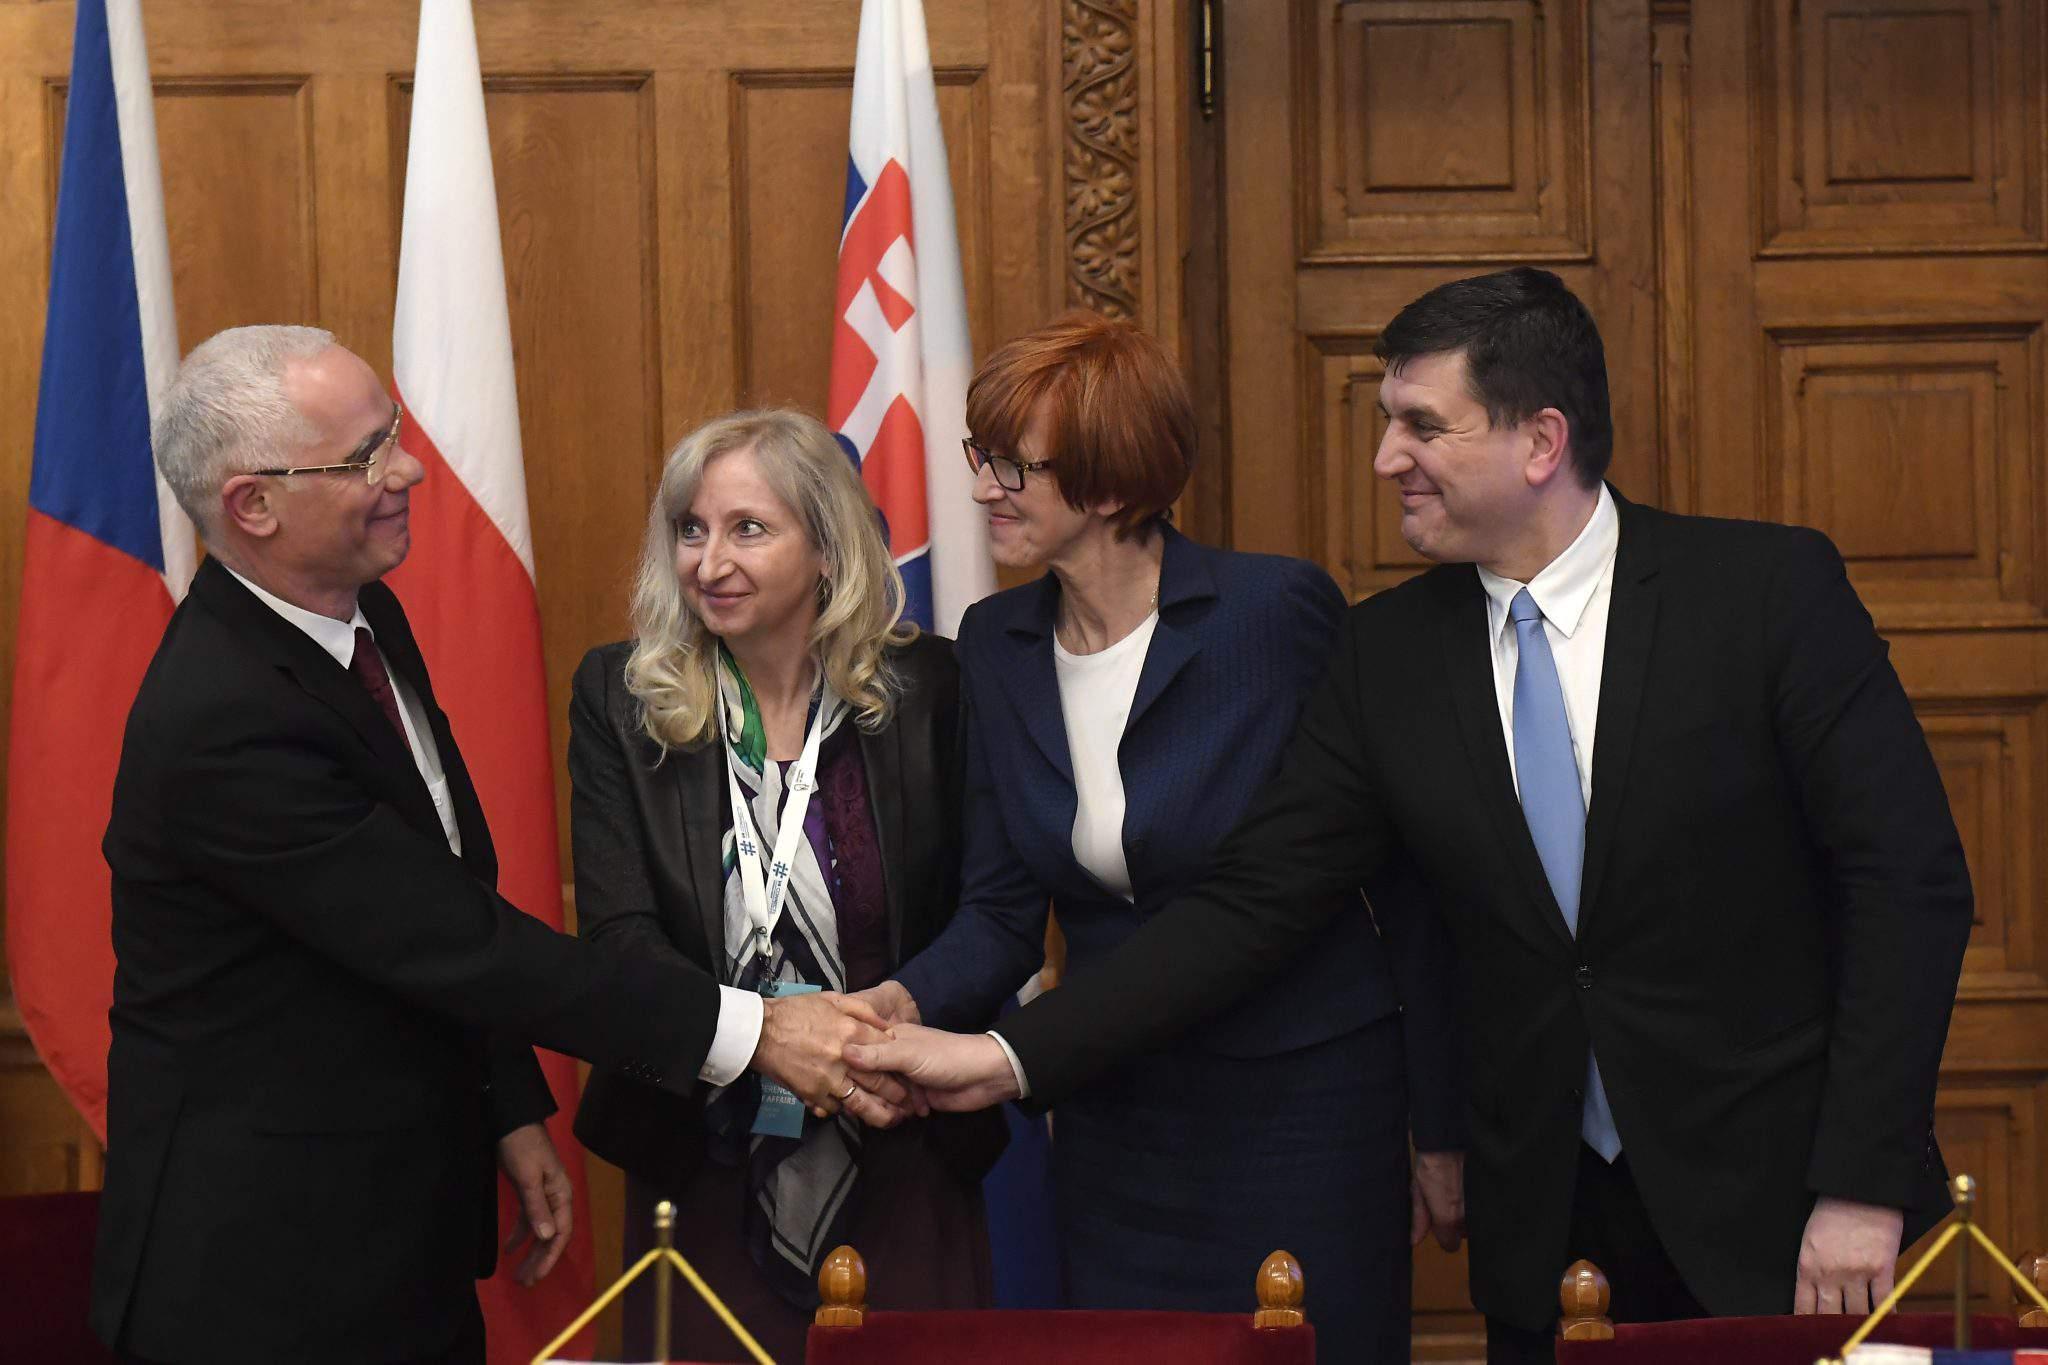 balog visegrád group poland czech family